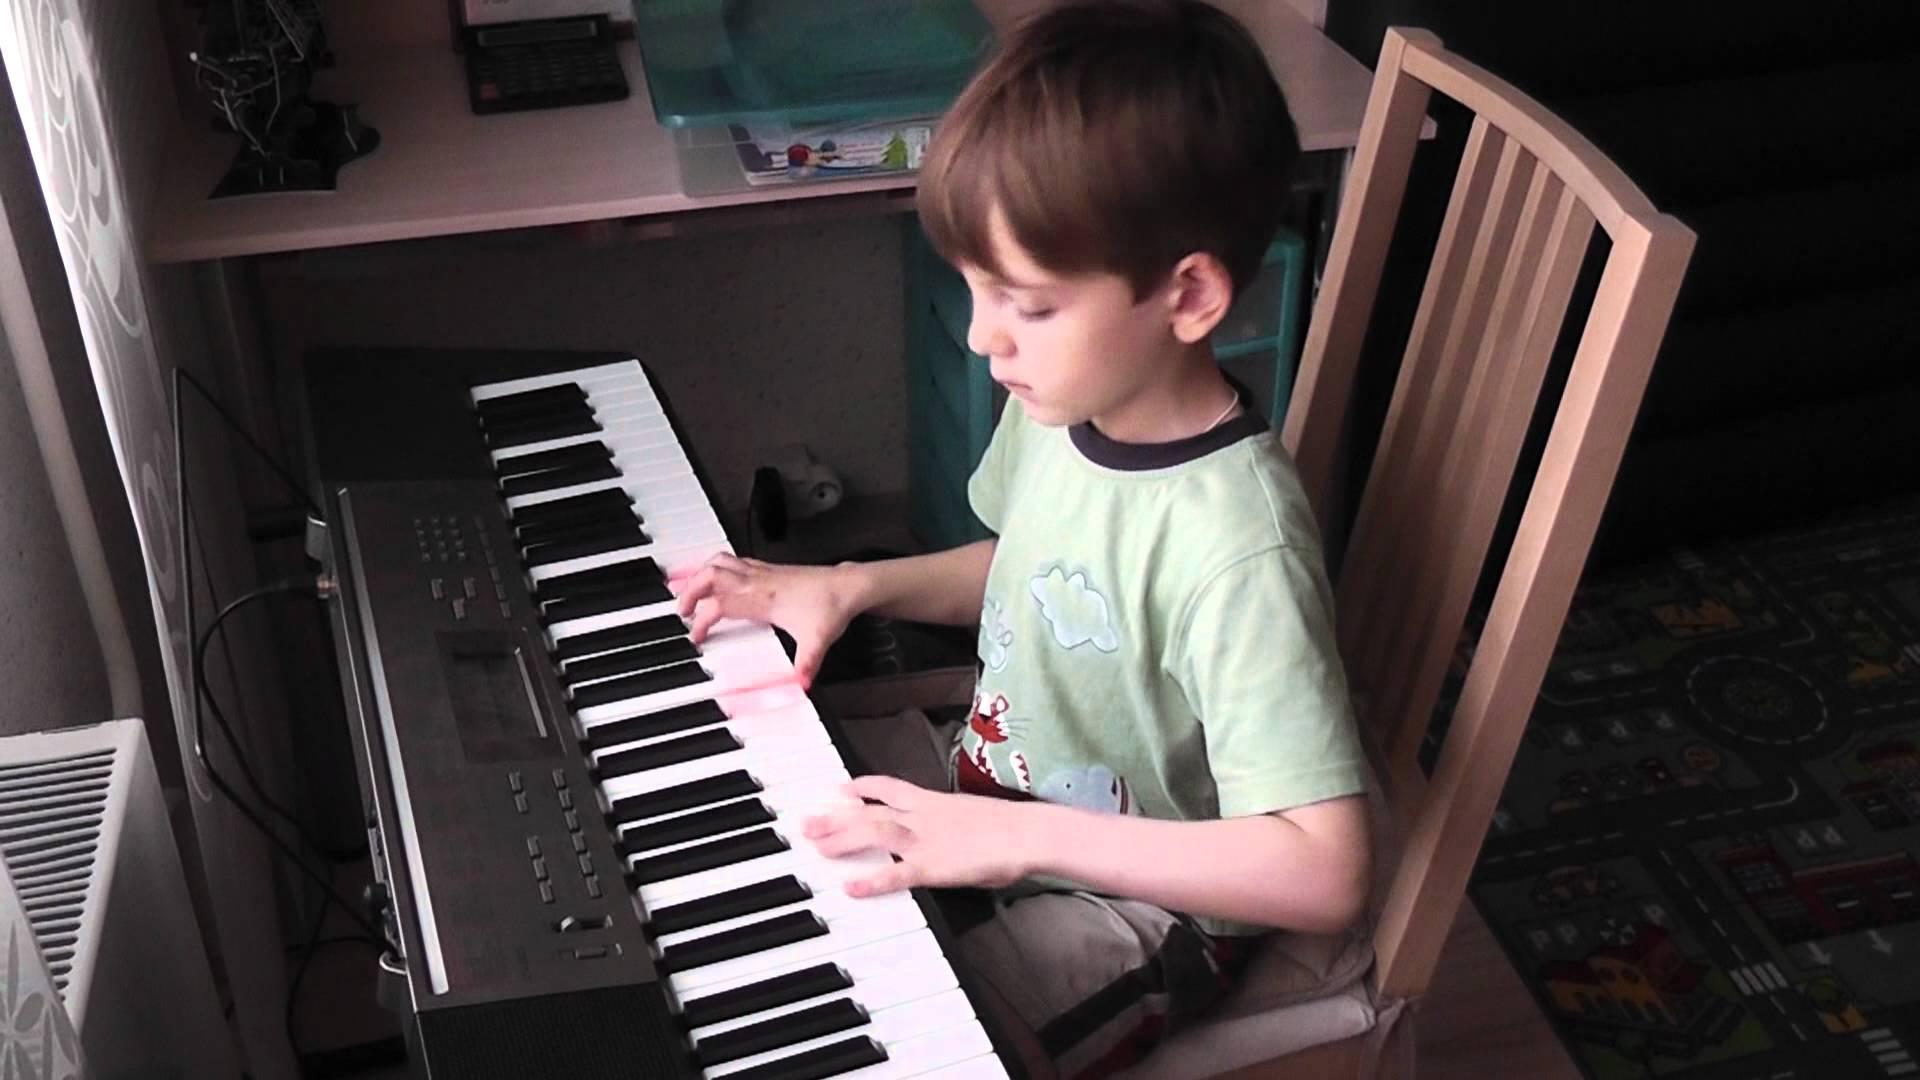 Đàn Organ Casio LK-240 có hướng dẫn 3 bước tự học dễ dàng với 61 phím kiểu piano có khả năng phát sáng, 400 âm sắc, 150 điệu nhạc và 110 bài nhạc mẫu